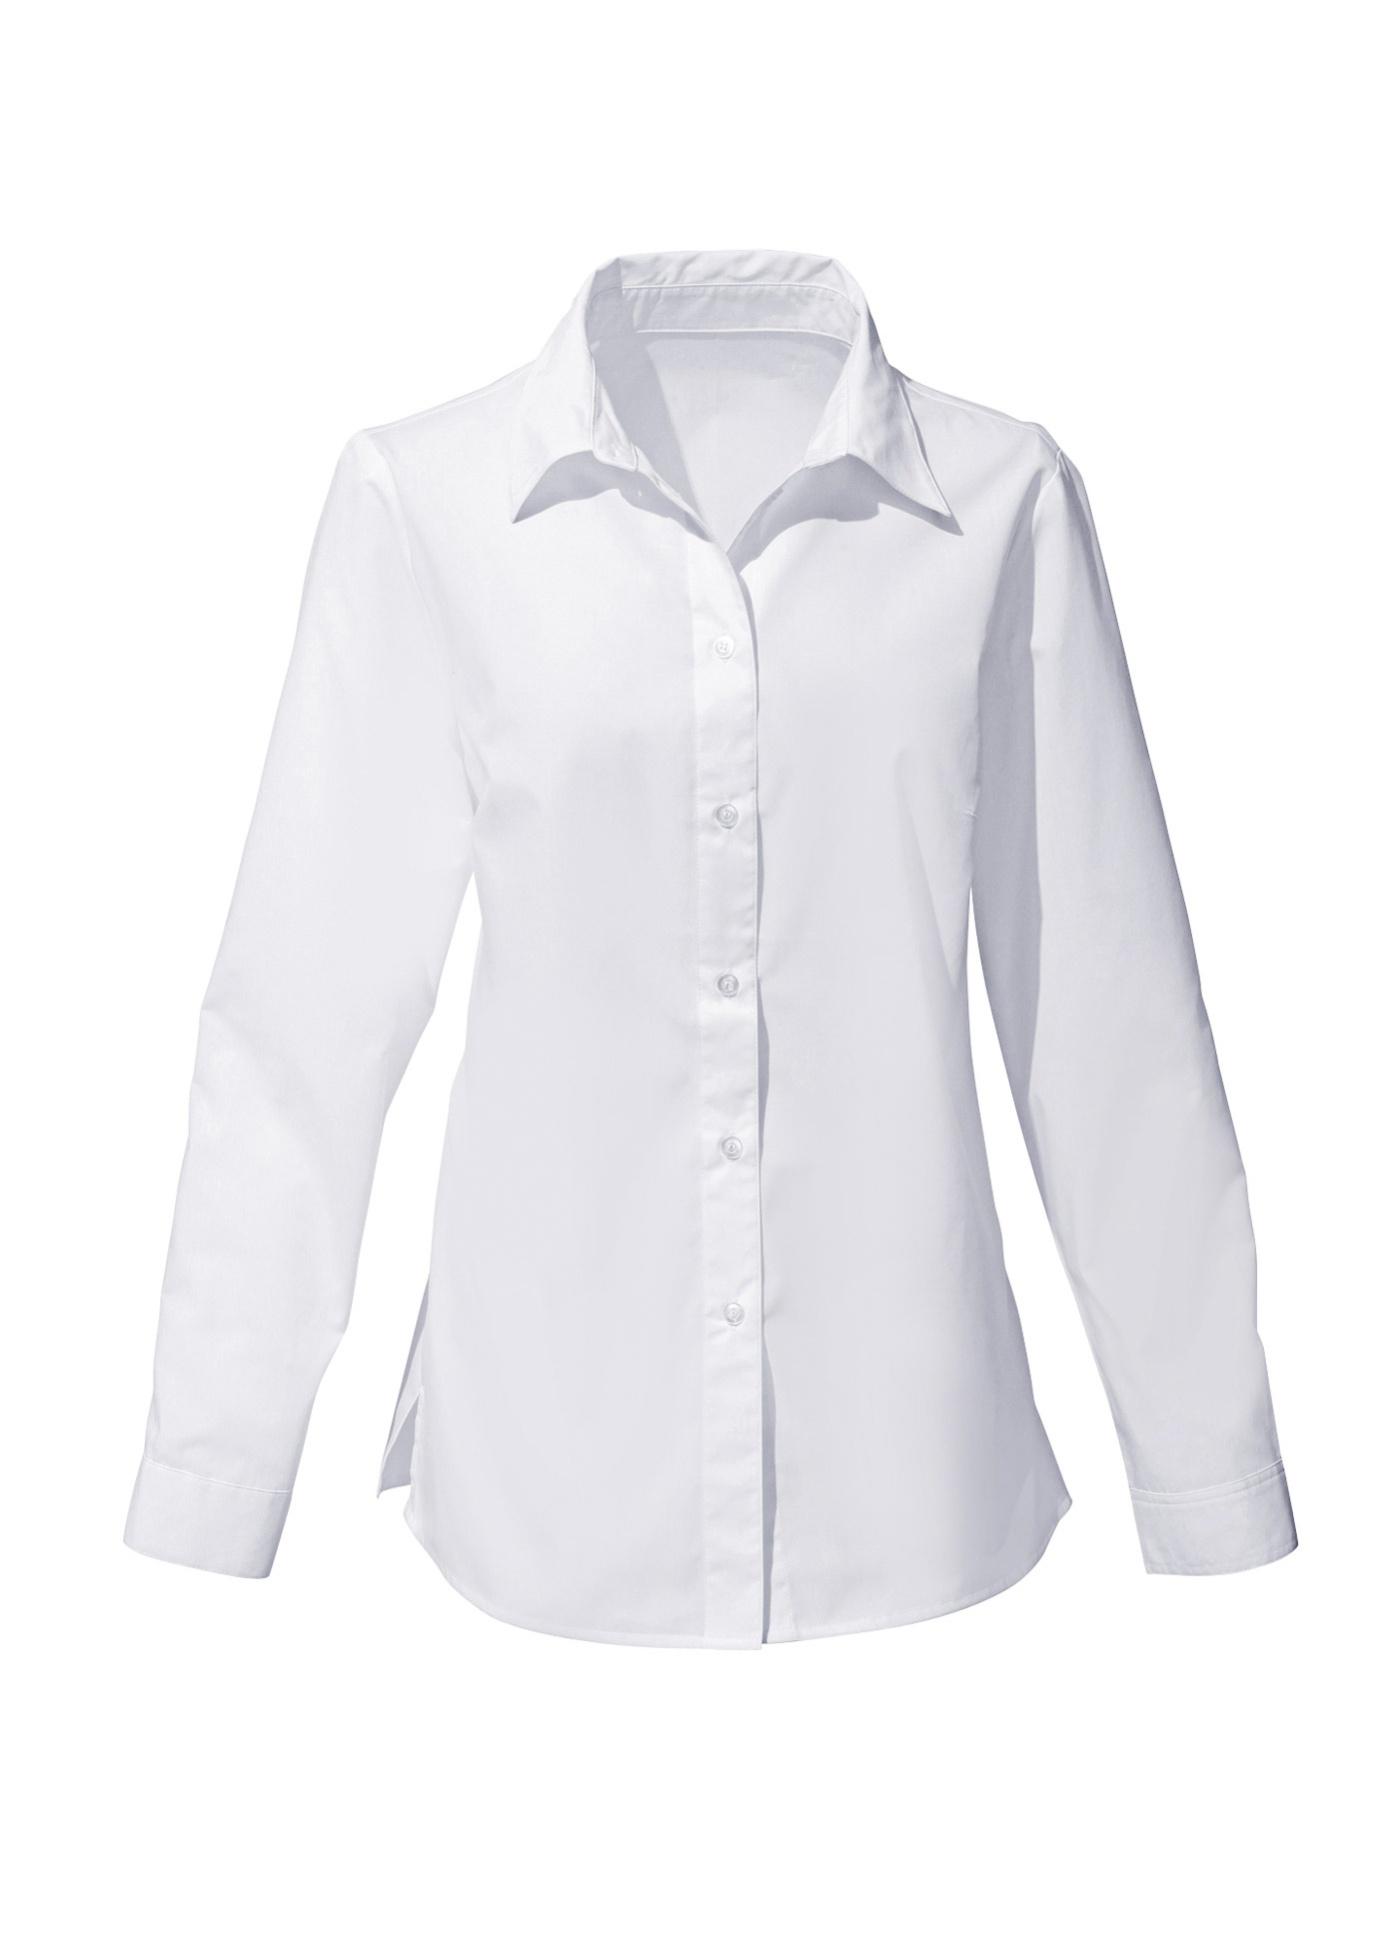 Купить Женскую Блузку Белую